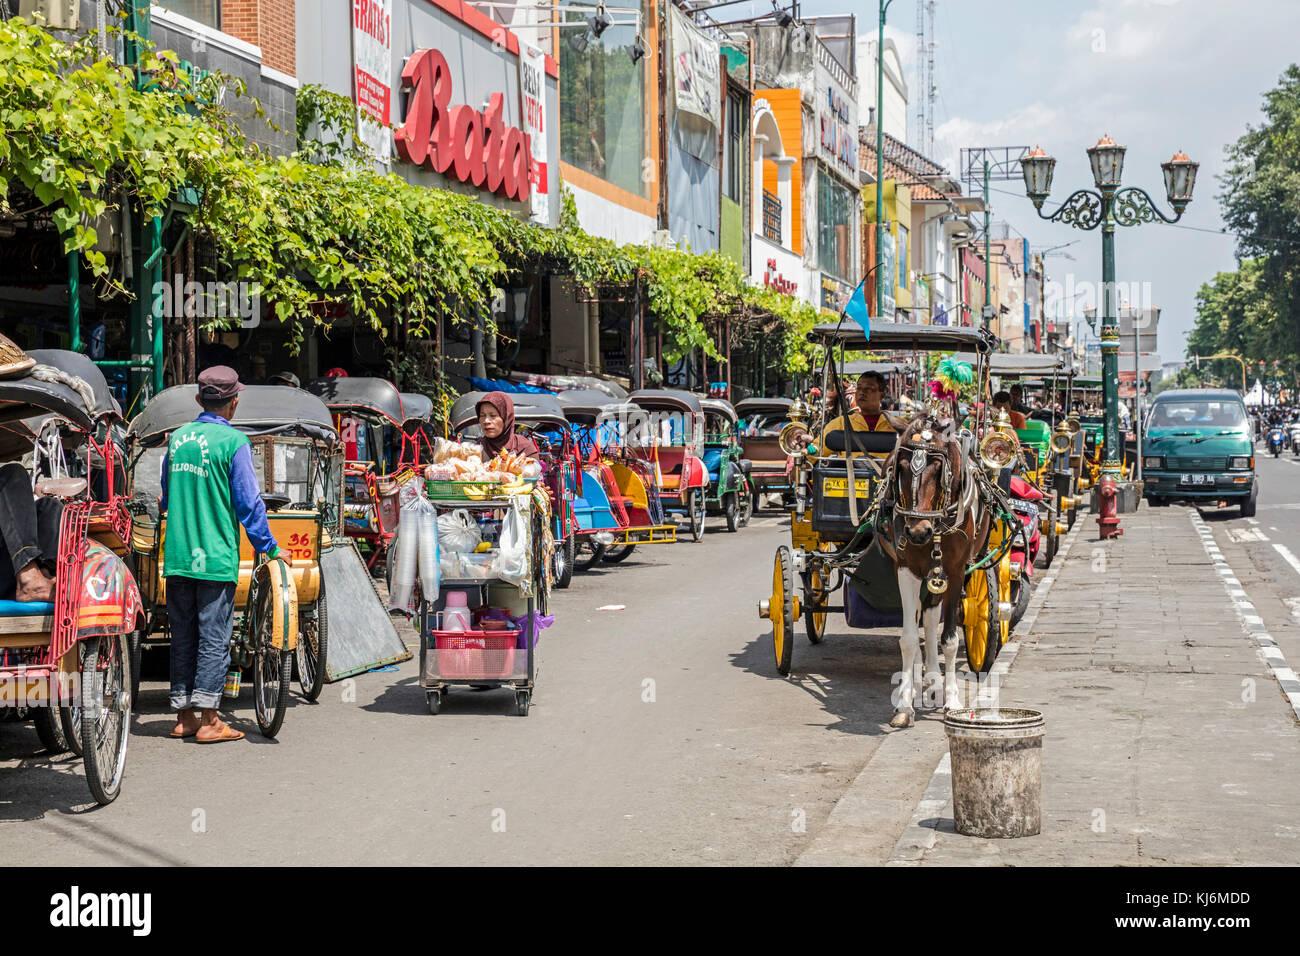 Vélos-pousse / becak et calèches pour les transports publics à Jalan Malioboro, principale rue commerçante Photo Stock